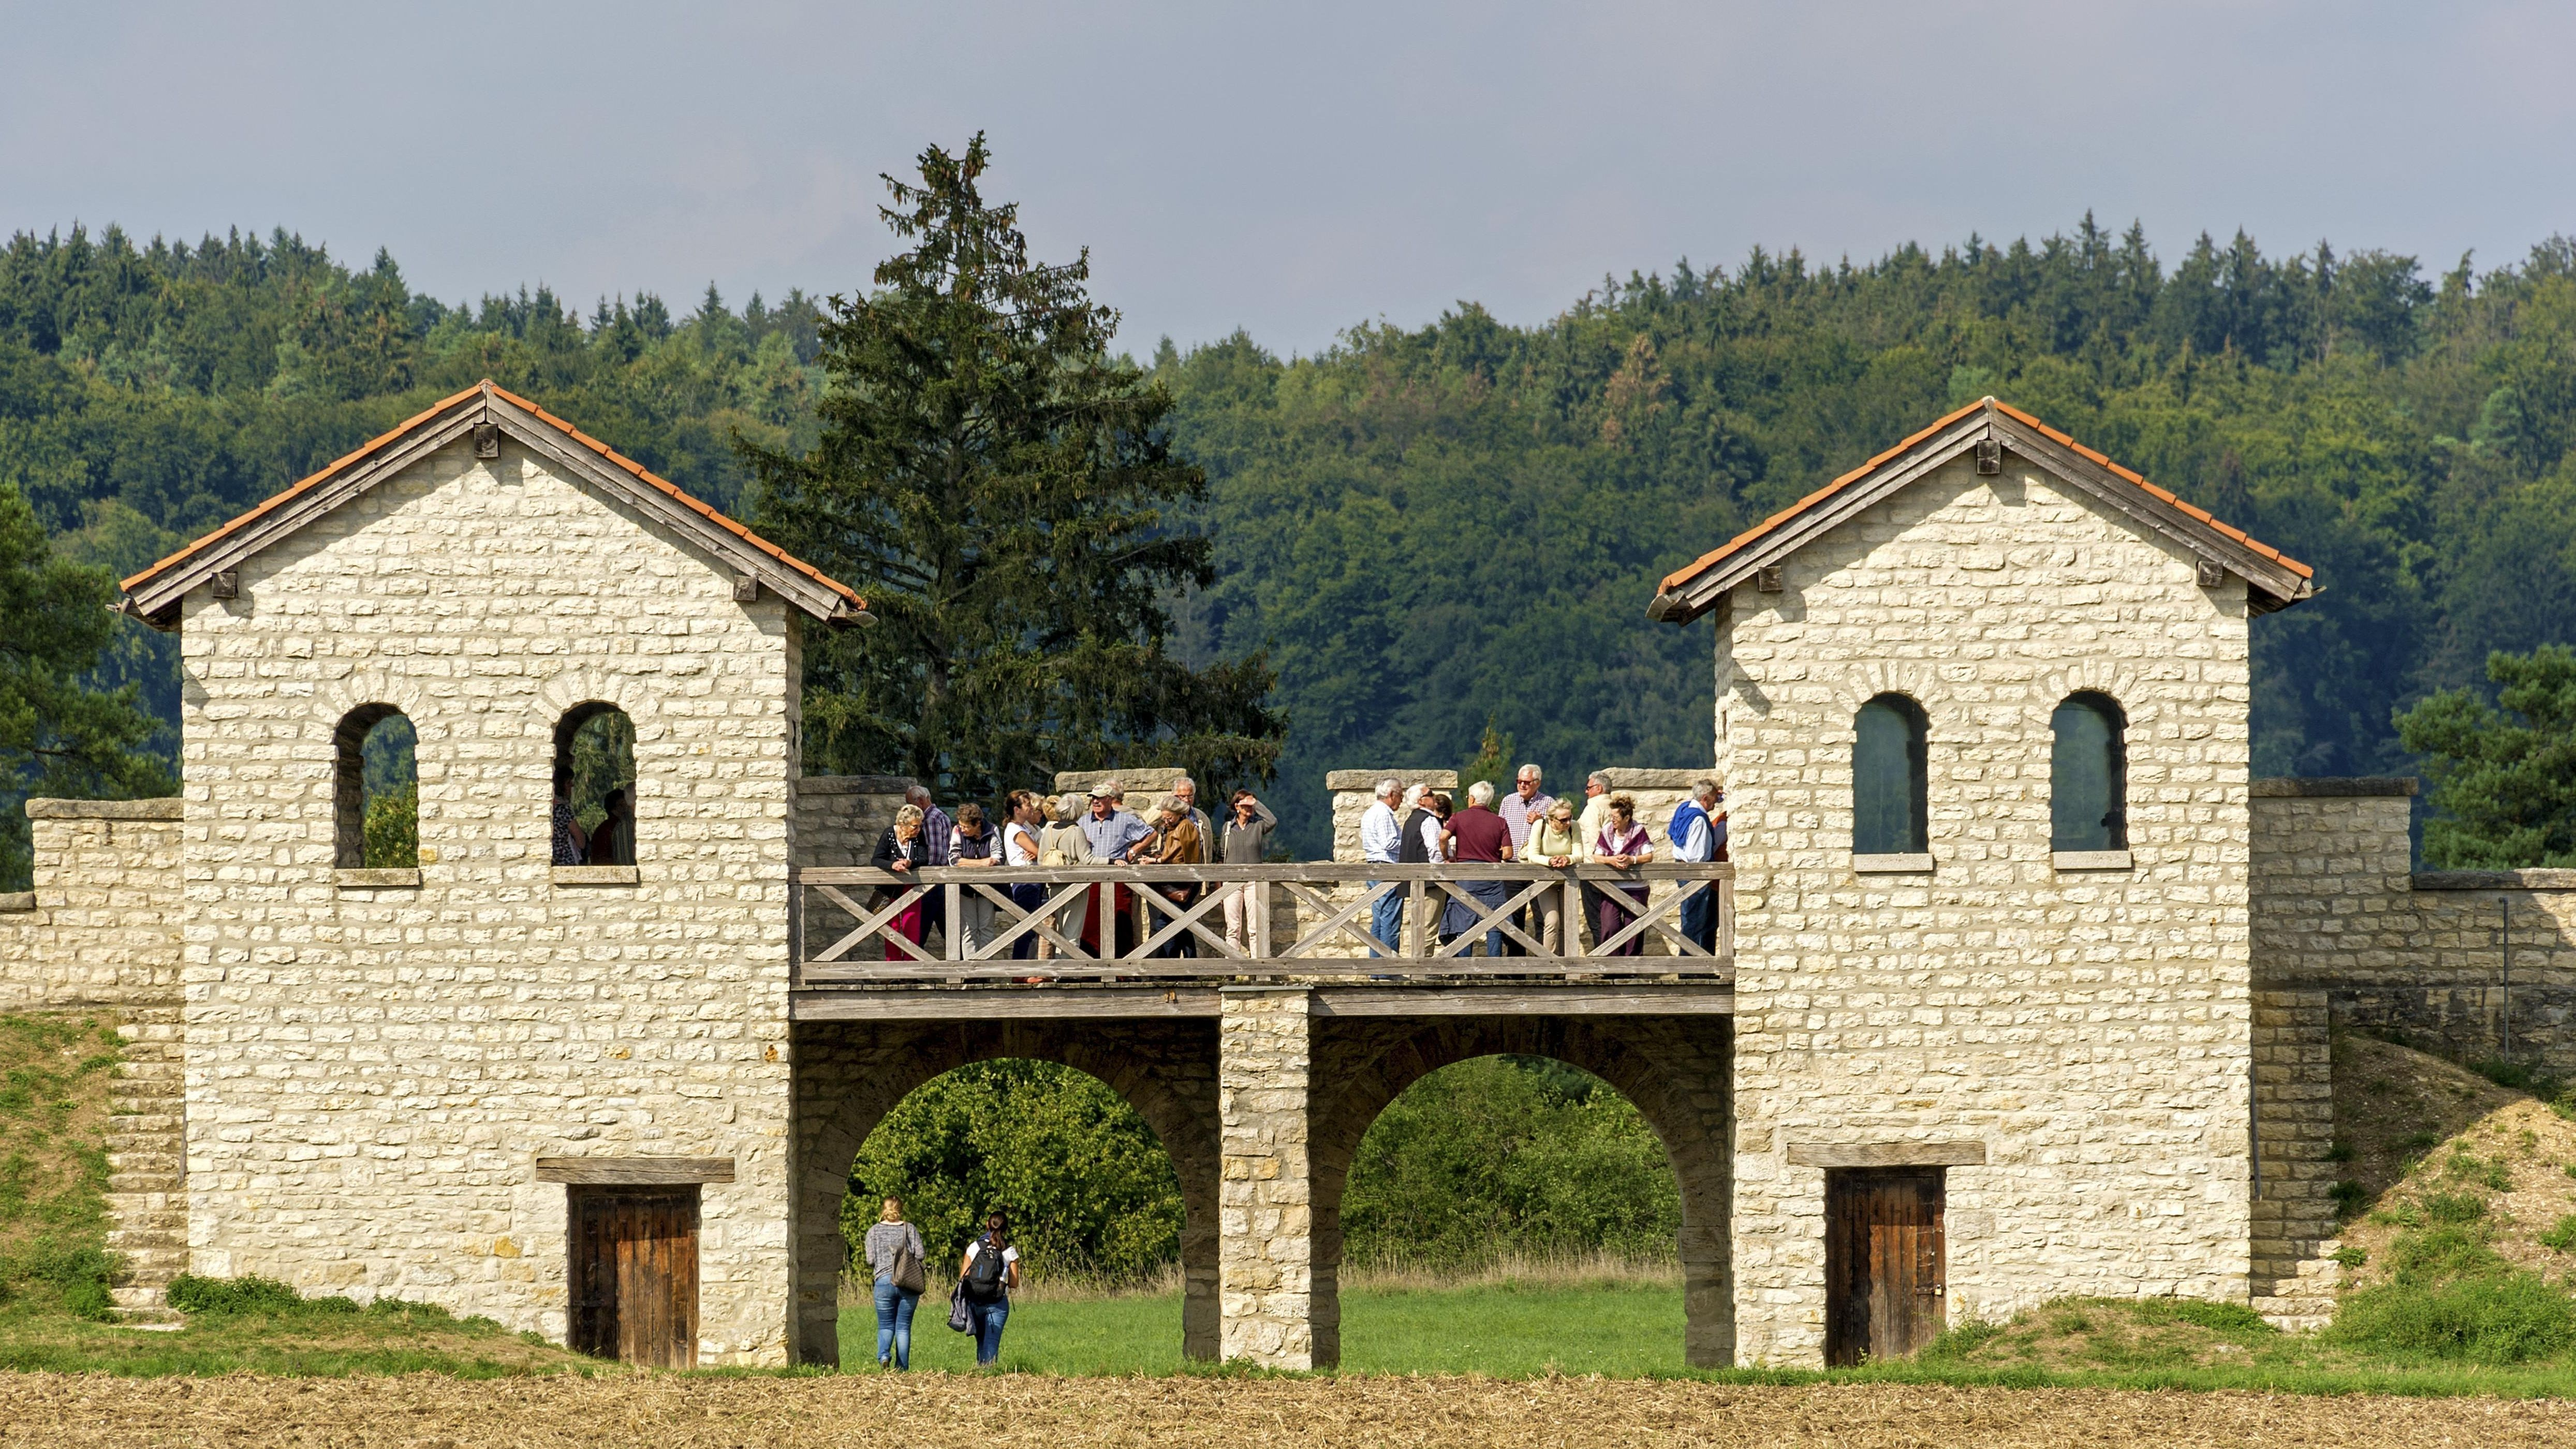 Porta praetoria - Ein Symbolbild für die Welterbestätten in Bayern: Römerkastell Pfünz, Castra Vetoniana oder Vetonianae, raetischer Limes, Walting, Eichstätt